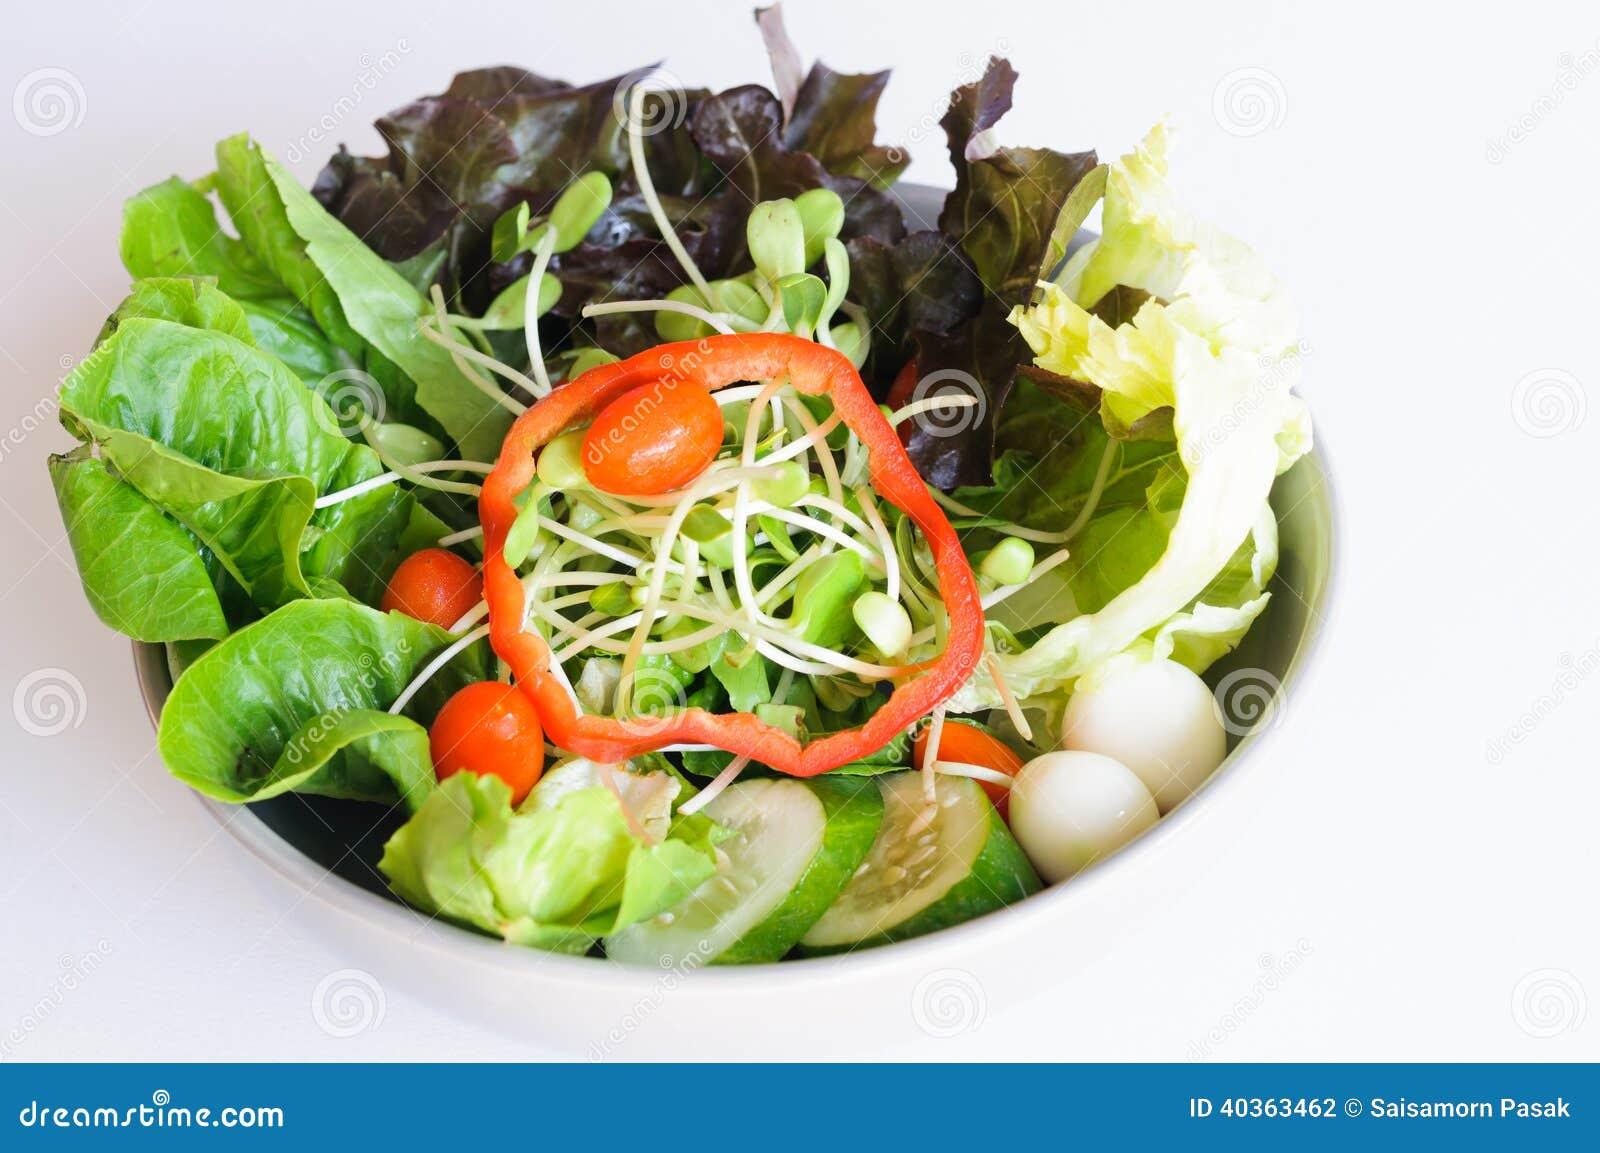 Salad mix eggs